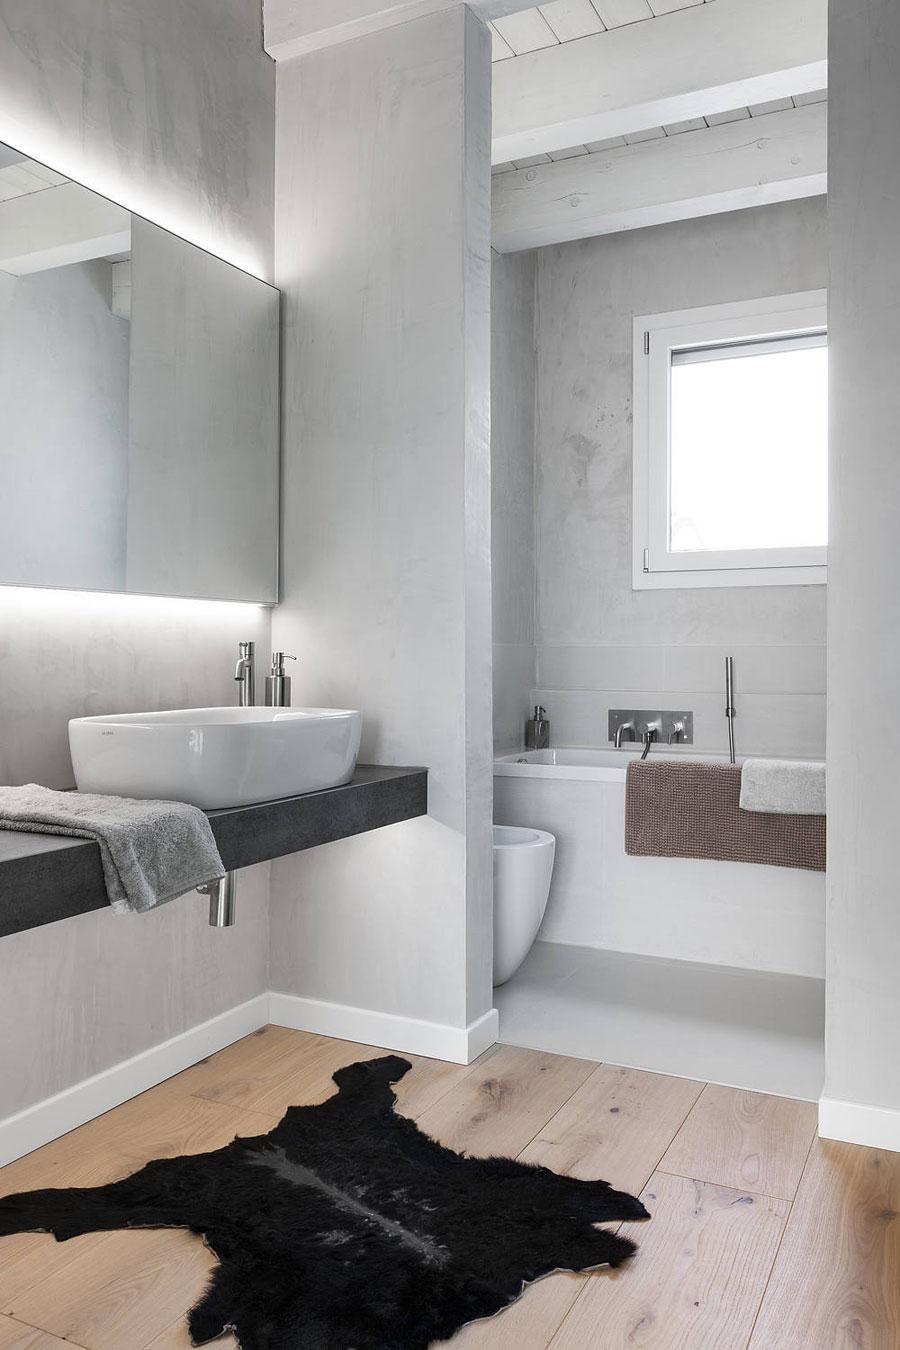 Ook in deze badkamer, ontworpen door Anna Laura Businaro, is er gekozen voor een strakke gietvloer in het natte gedeelte en een houten vloer in het droge gedeelte.